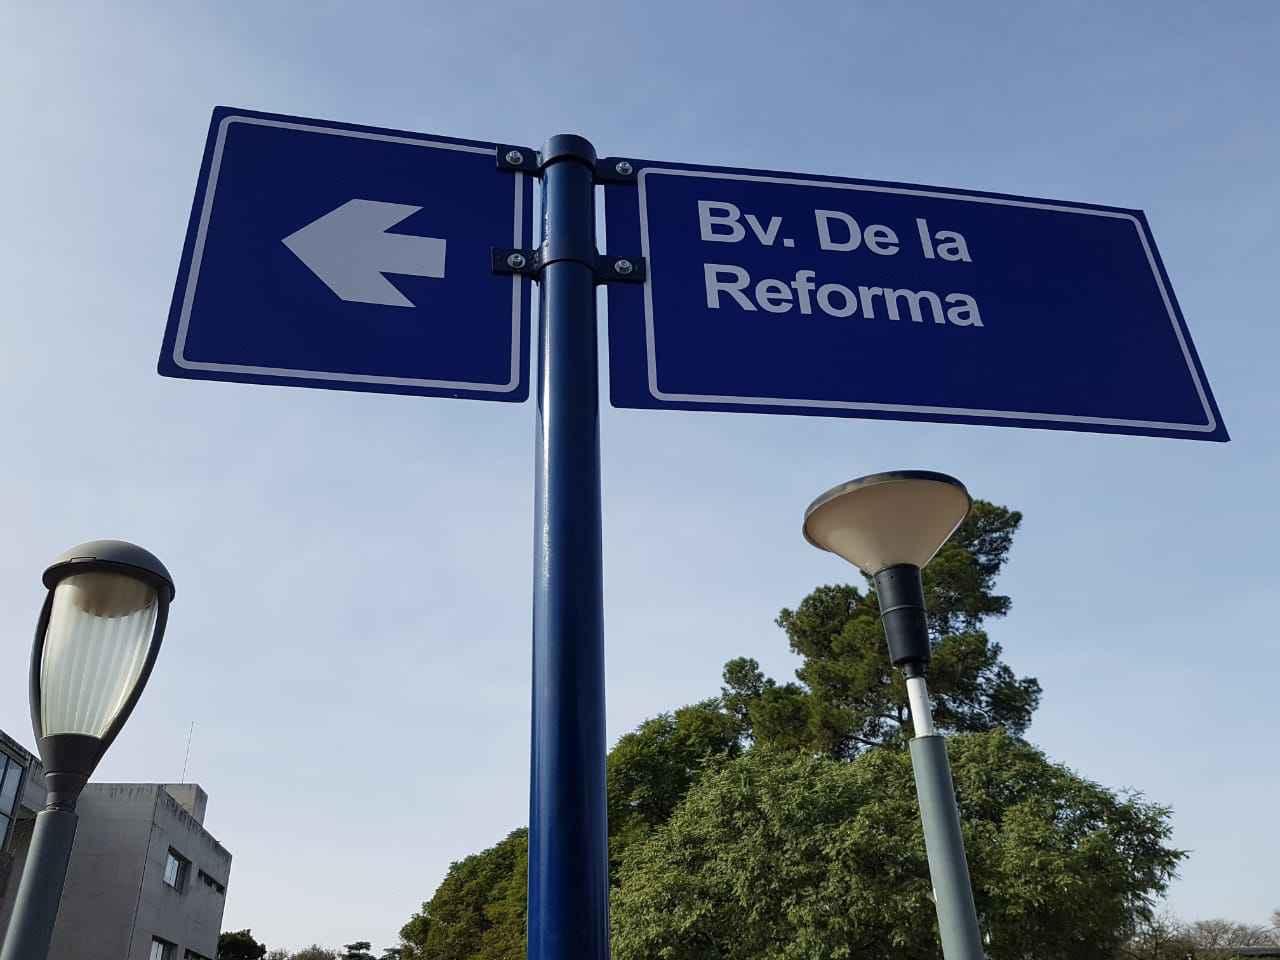 Placa indicativa de avenida no campus da Universidade Nacional de Córdoba, sede da Conferência